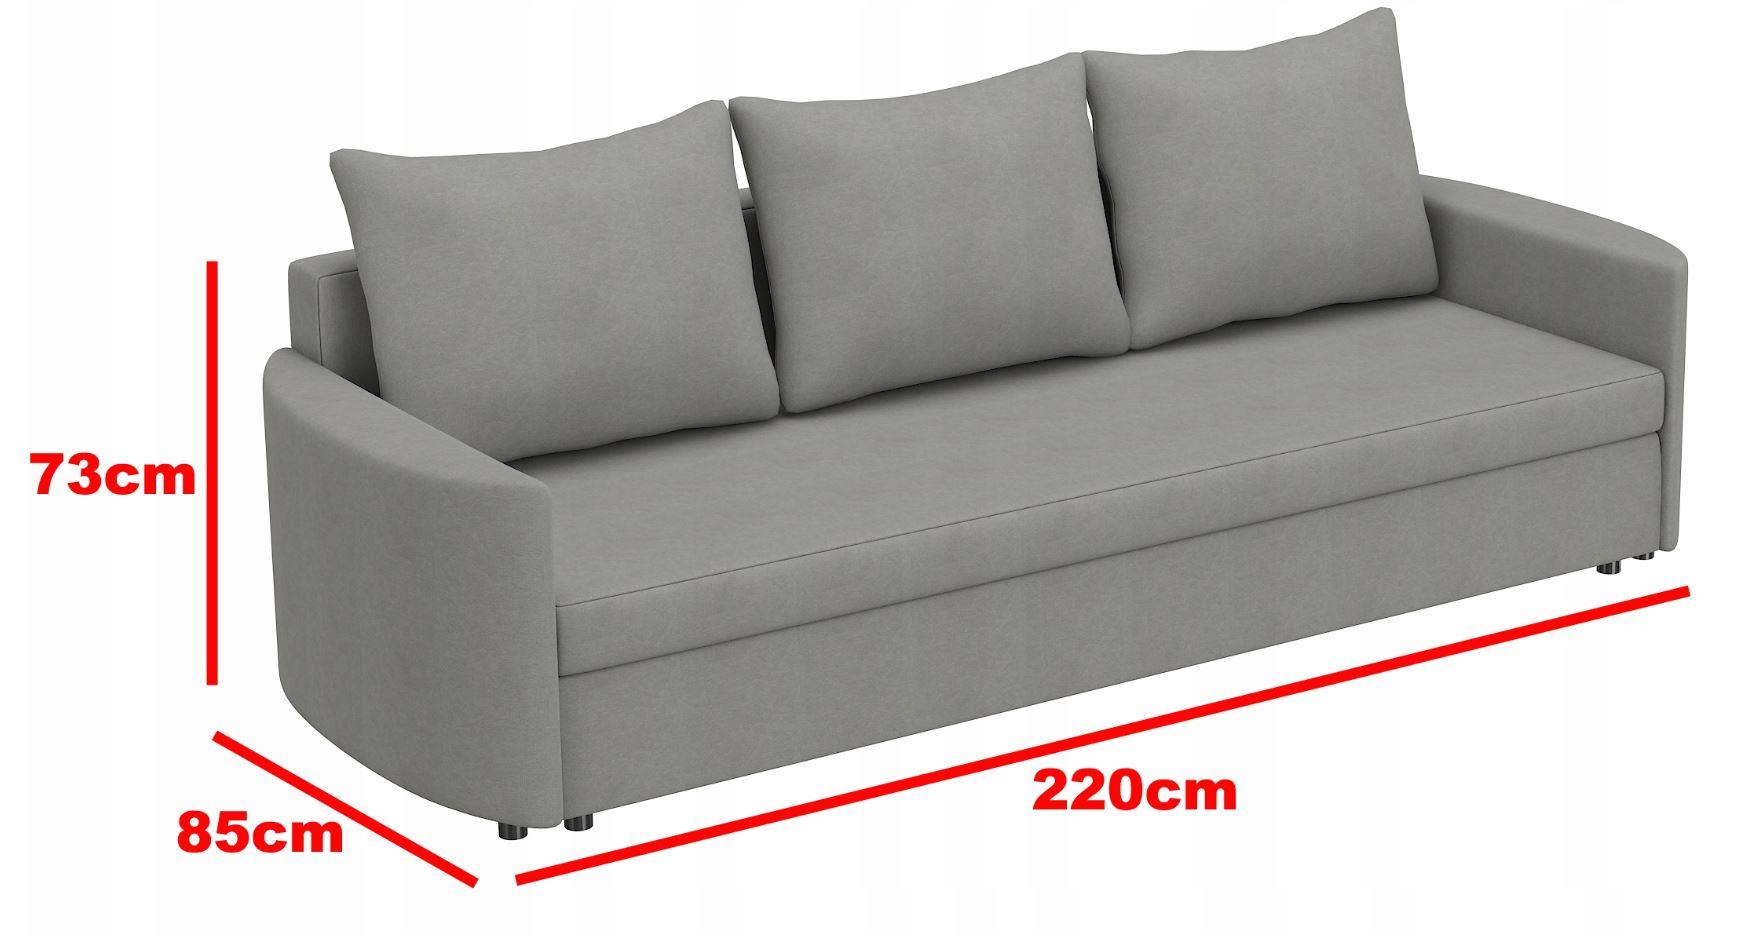 Zupełnie nowe Sofa kanapa rozkładana SANTI ST wersalka - Allmeblo TH22